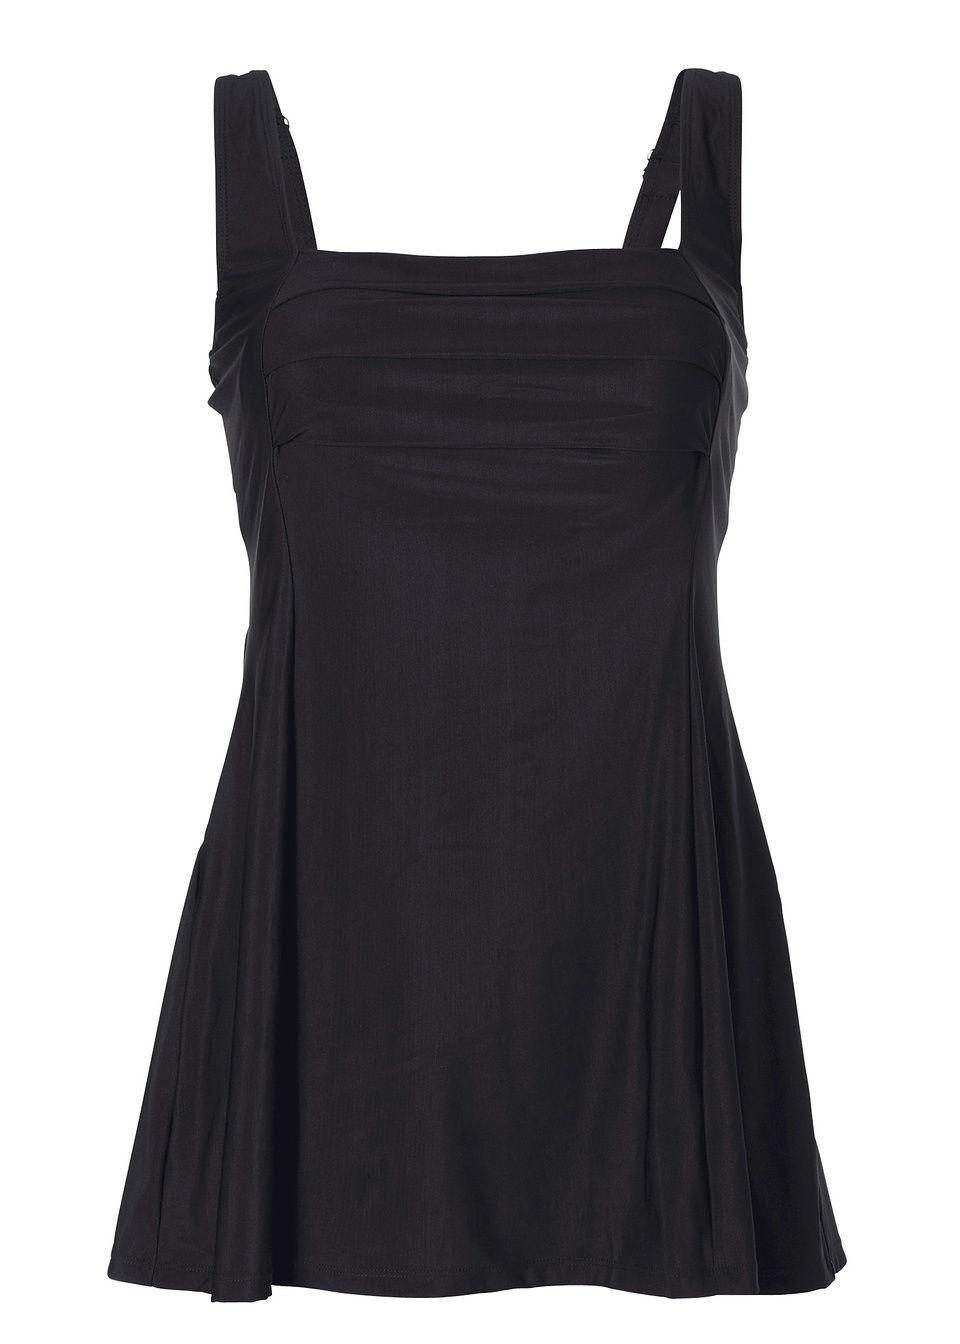 Купальник-платье корректирующее, класс 1 от bonprix